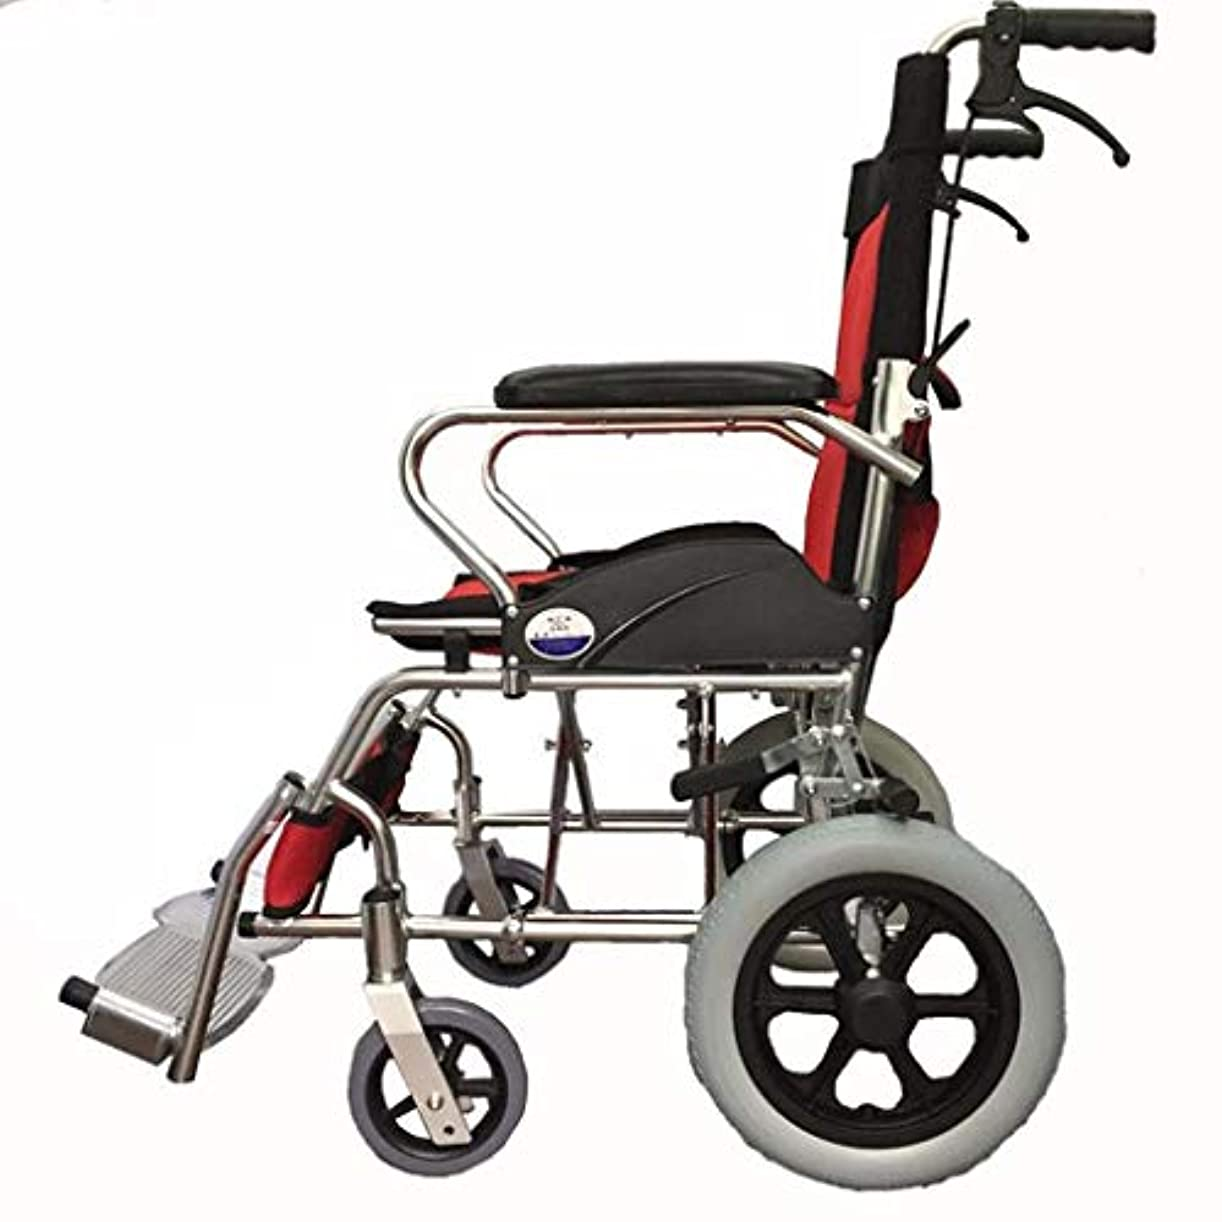 理解する慣らす大脳車椅子折りたたみ式、アルミ合金ポータブル手動車椅子、障害者、高齢者の屋外旅行に適しています